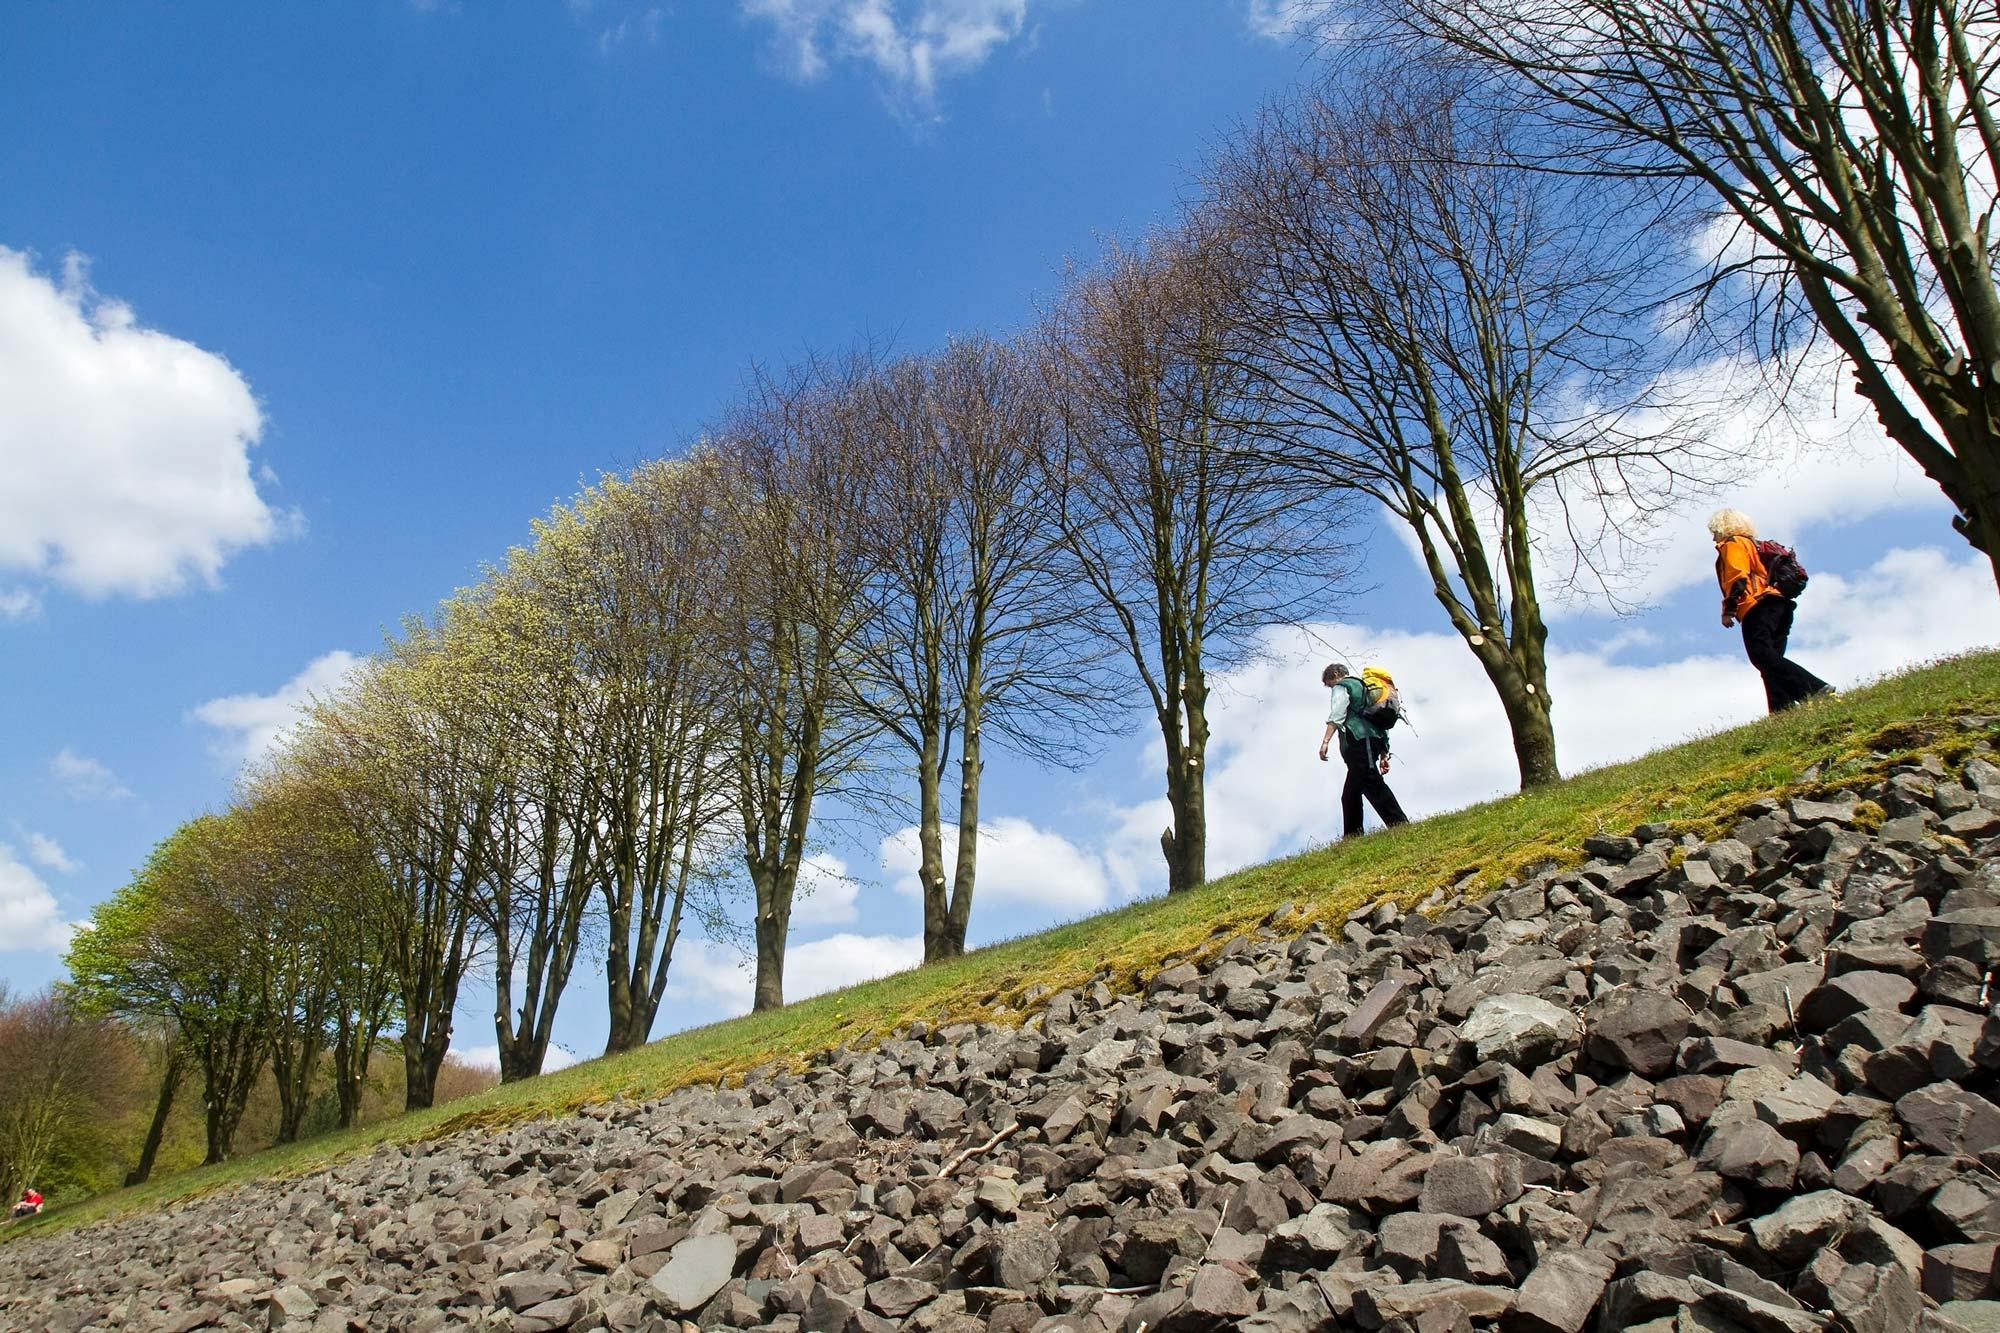 Neue Wanderperspektiven während der Bergischen Wanderwoche kennenlernen © Uwe Völkner / Fotoagentur Fox